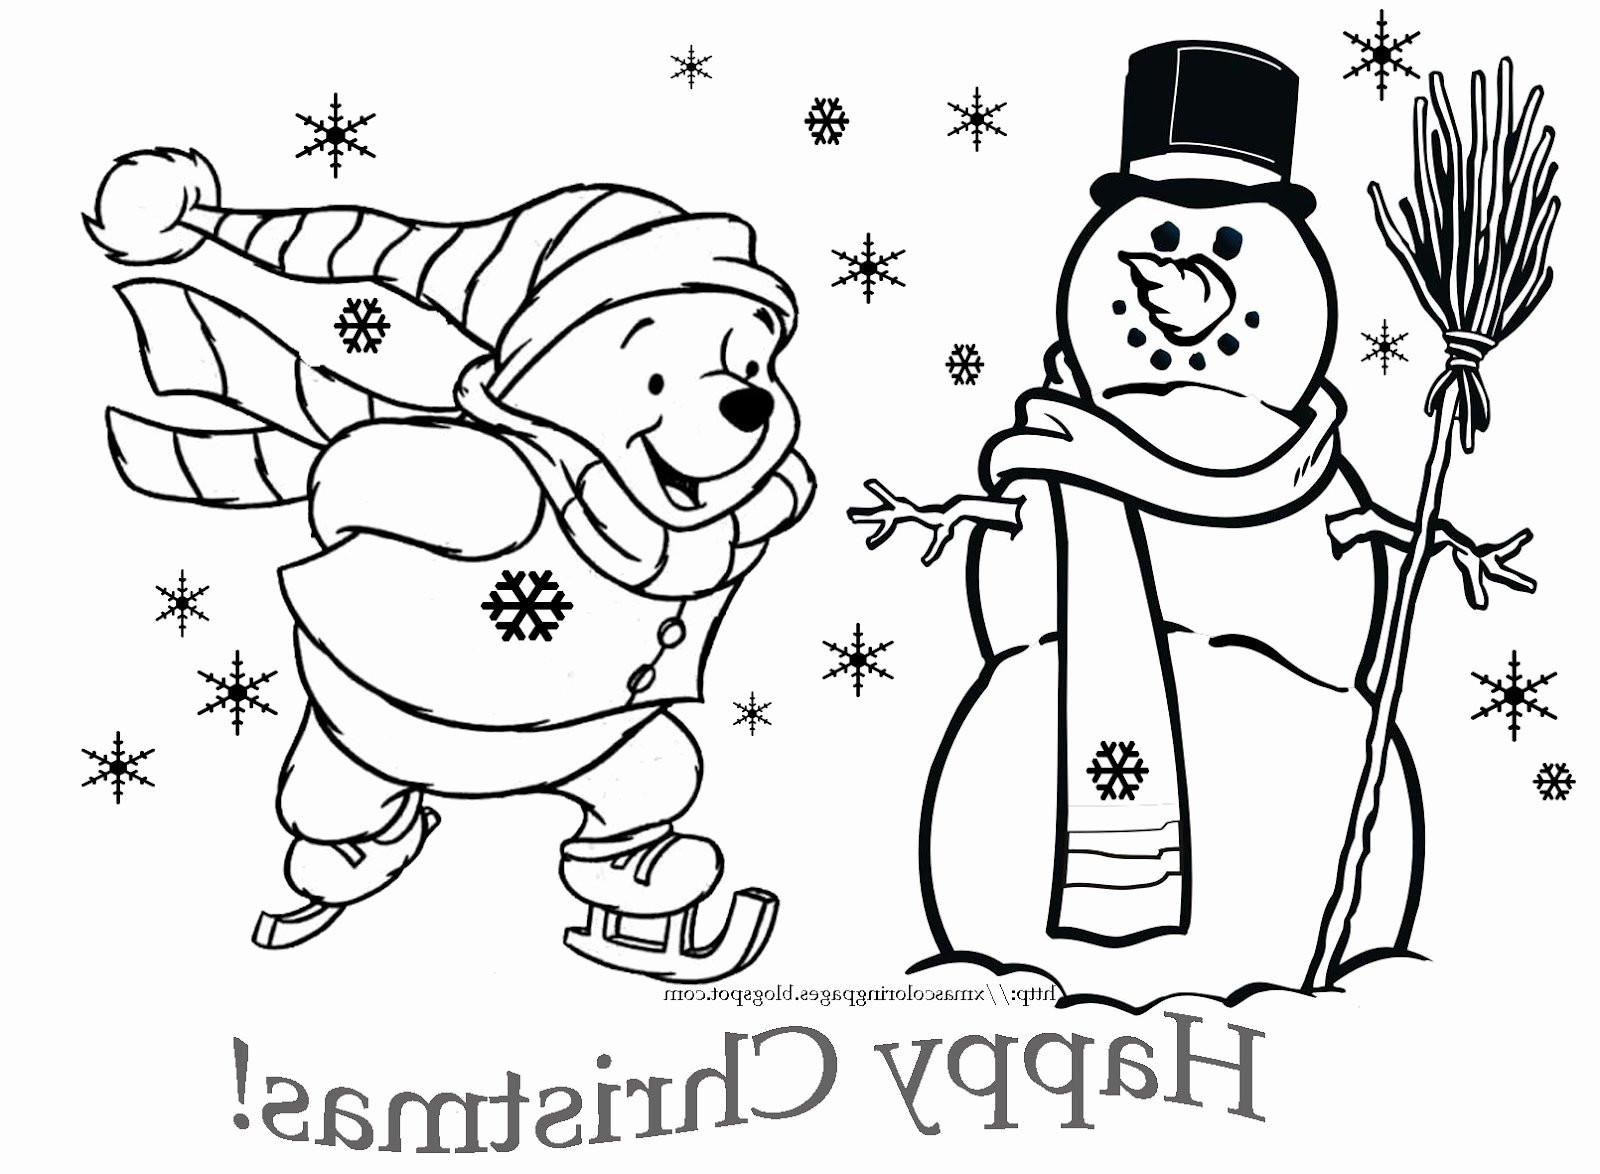 Winnie Pooh Malvorlage Frisch 30 Beste Von Weihnachts Ausmalbilder – Malvorlagen Ideen Fotos